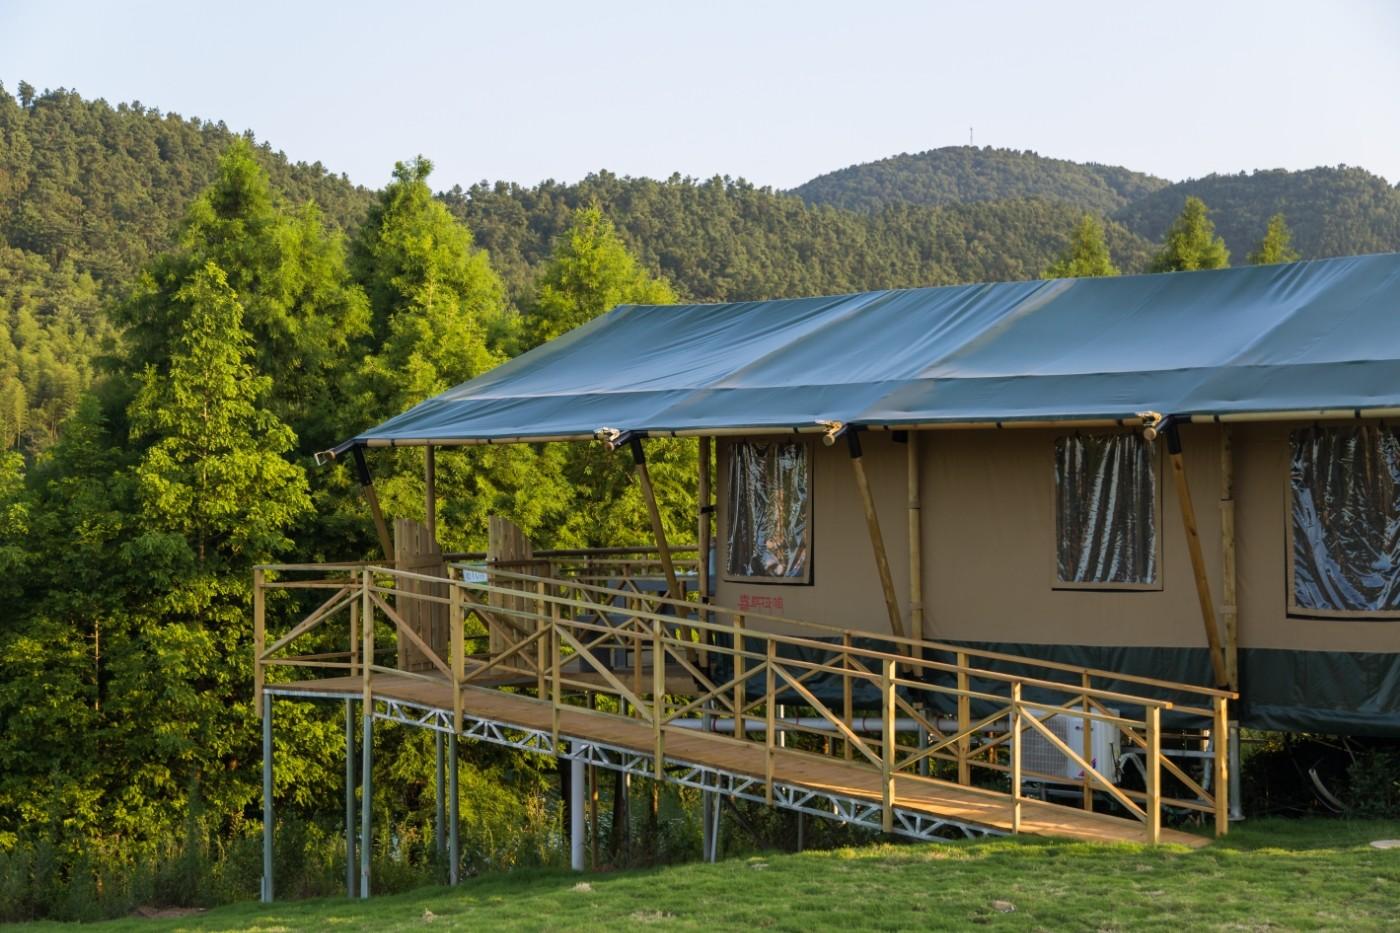 喜马拉雅野奢帐篷酒店—江苏常州茅山宝盛园茶园帐篷酒店6